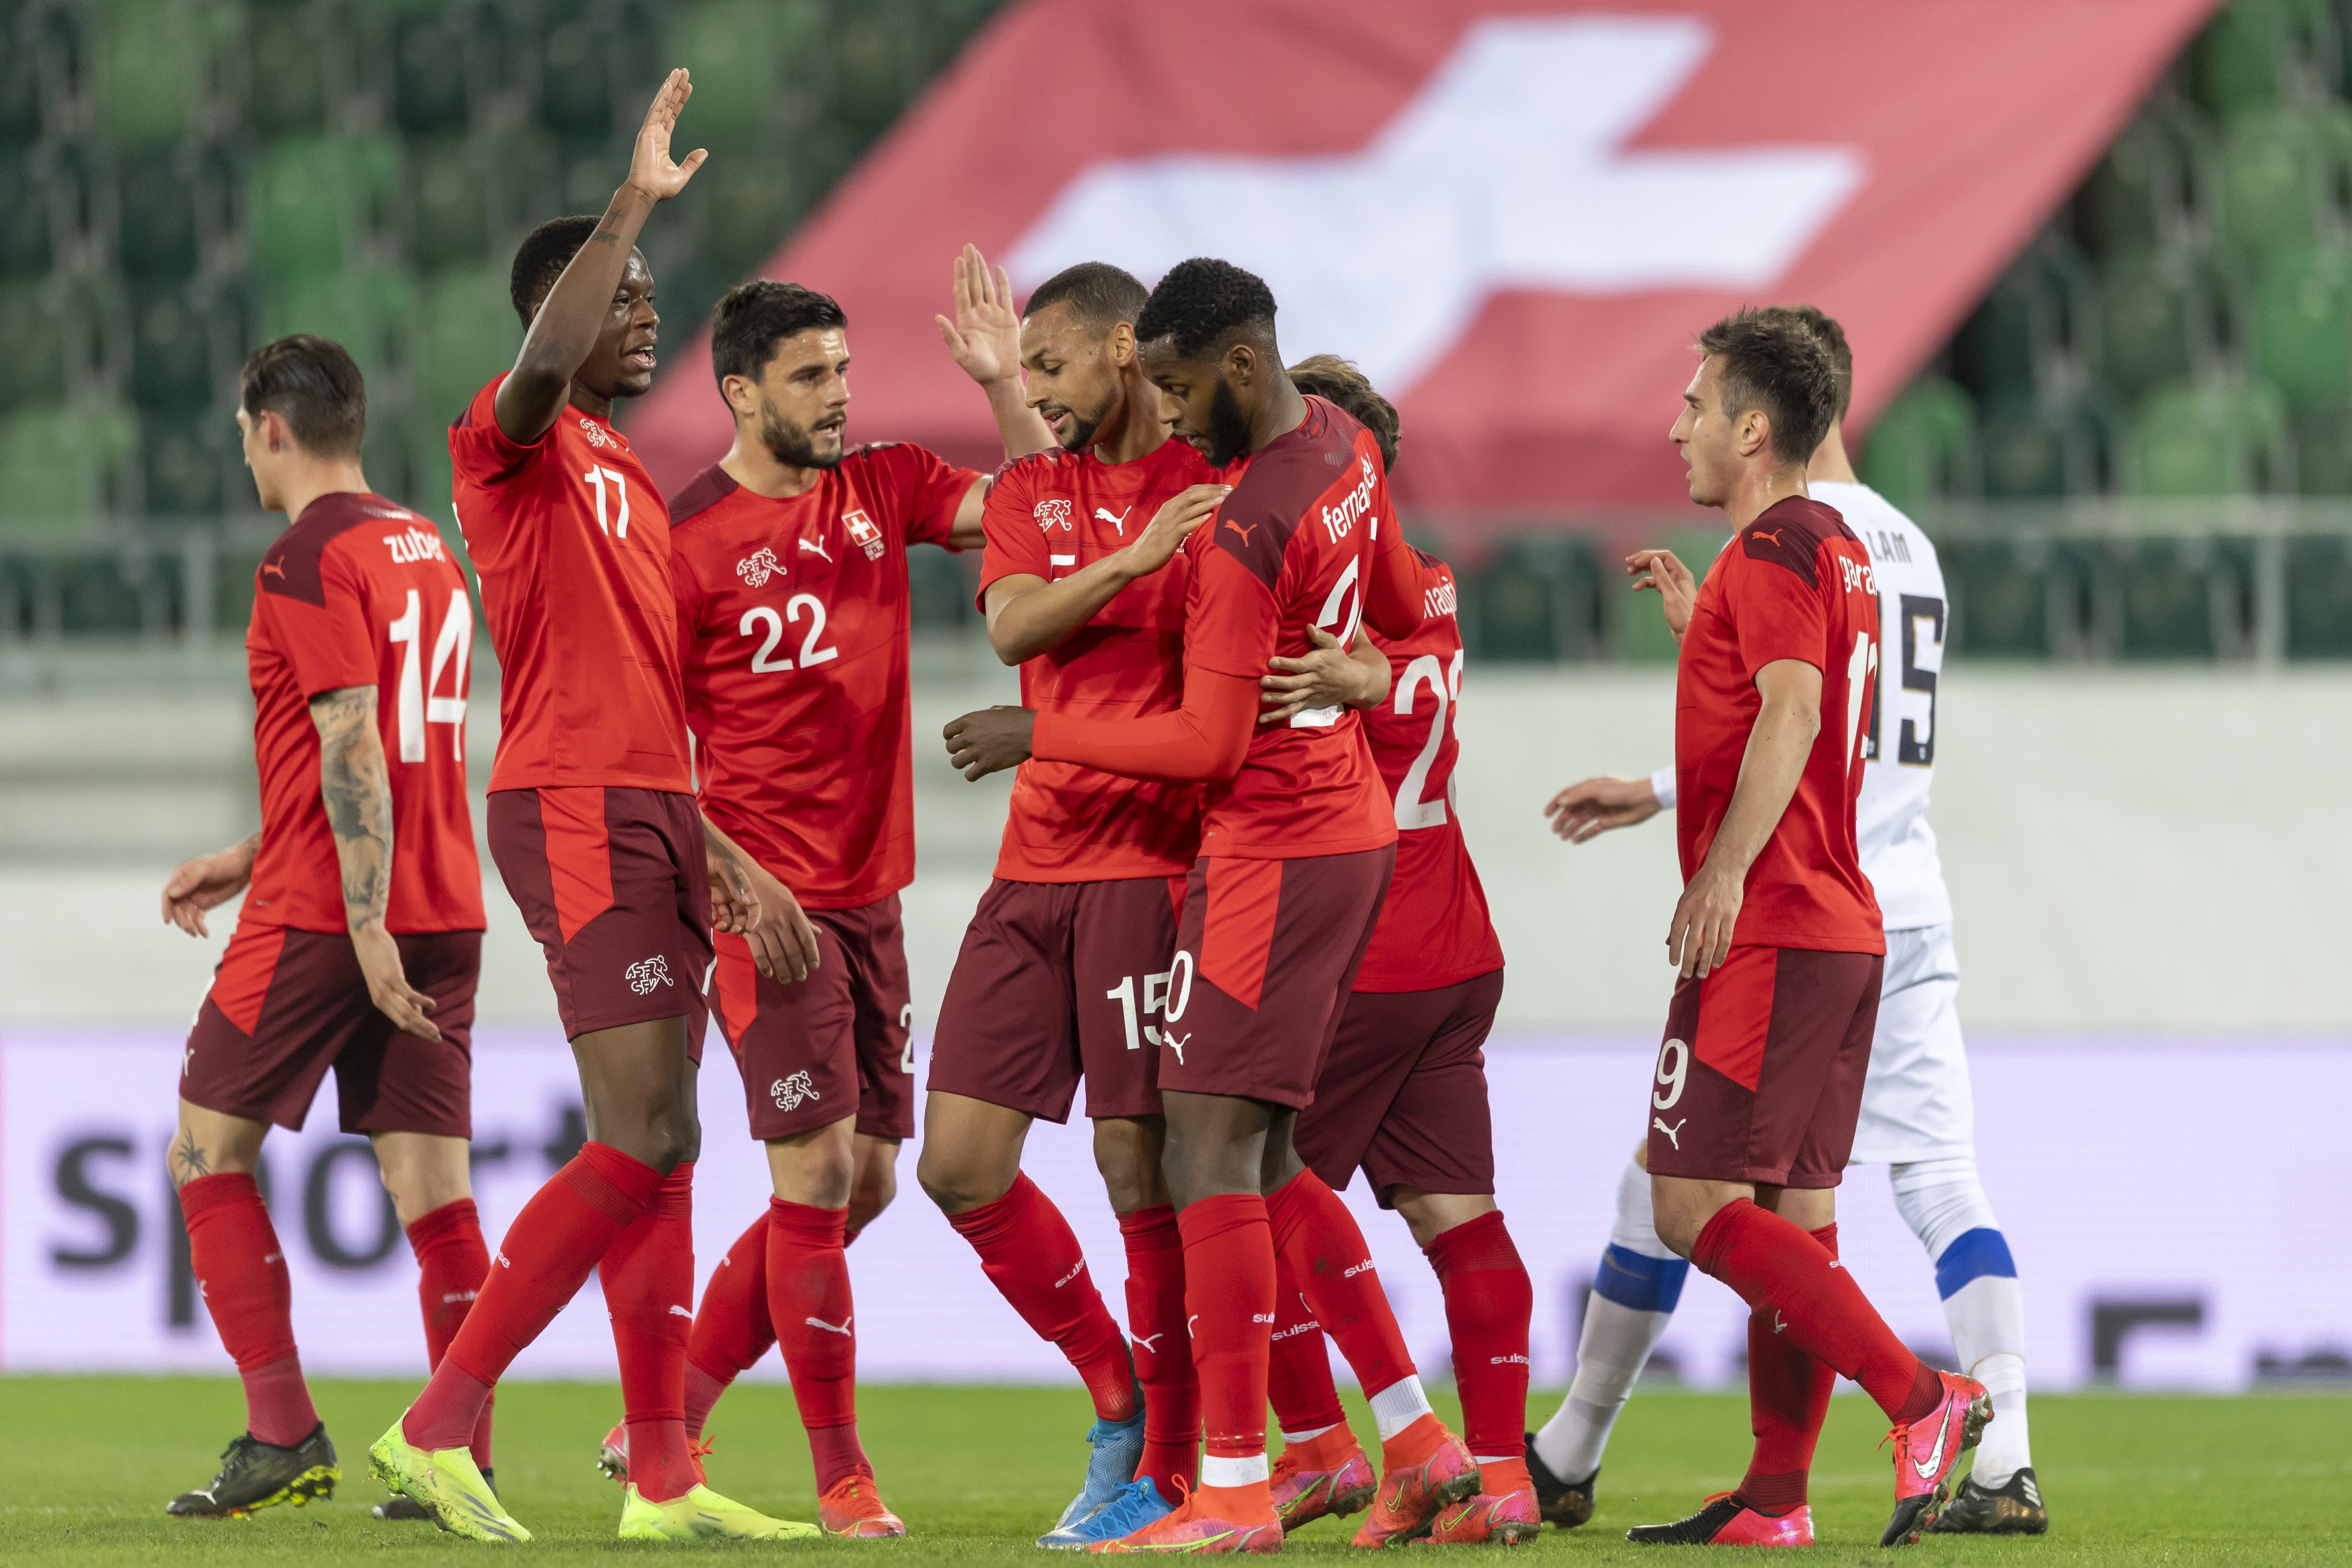 Da lief noch alles nach Plan: Gavranovic bringt die Schweiz in Führung.